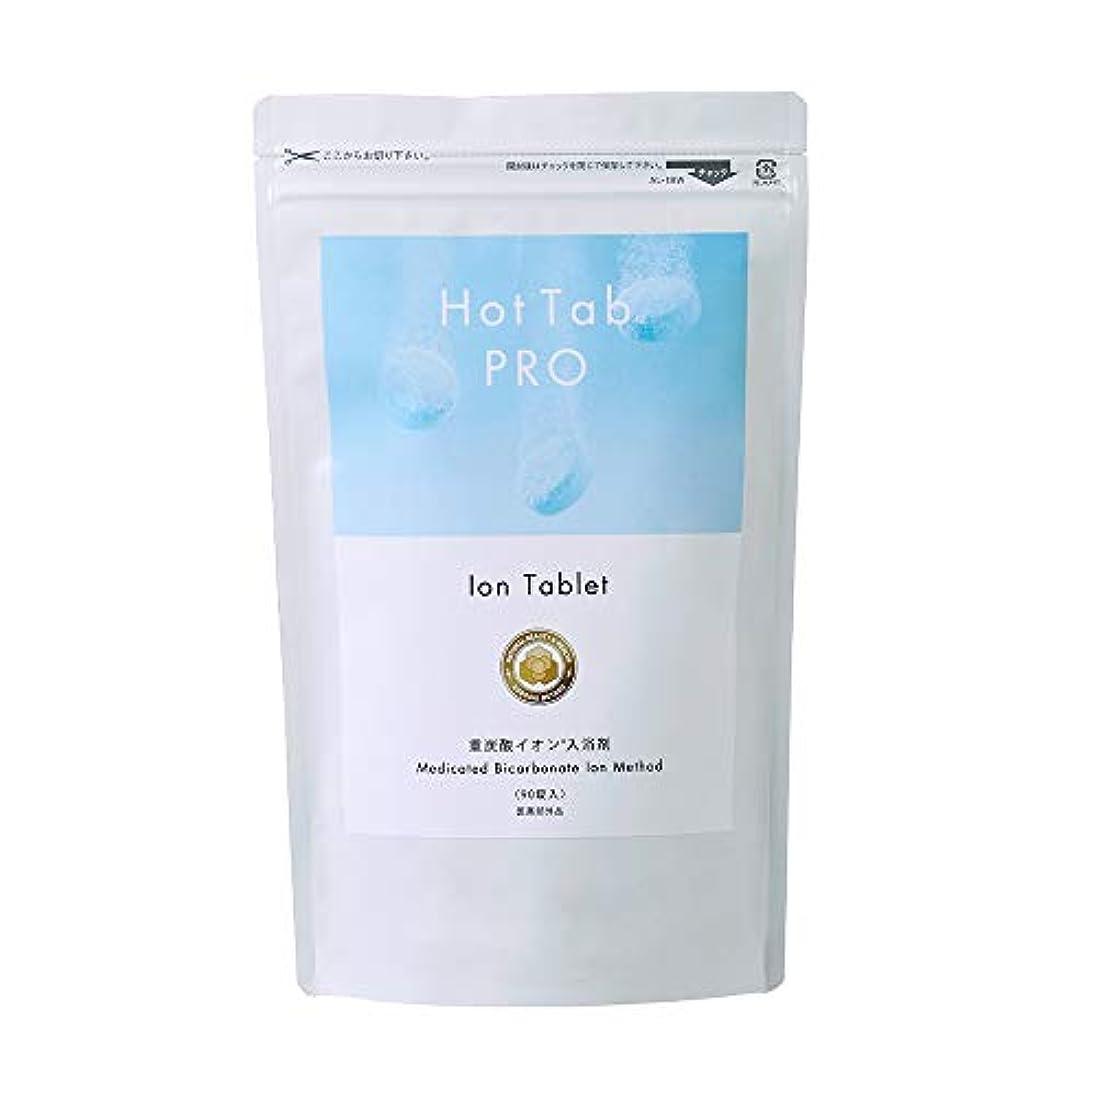 ペストリー自治どれ最新型 日本製なめらか重炭酸入浴剤「ホットタブPro」(デリケートな肌でも安心 無香料 無着色 中性pH) (お得な90錠セット)